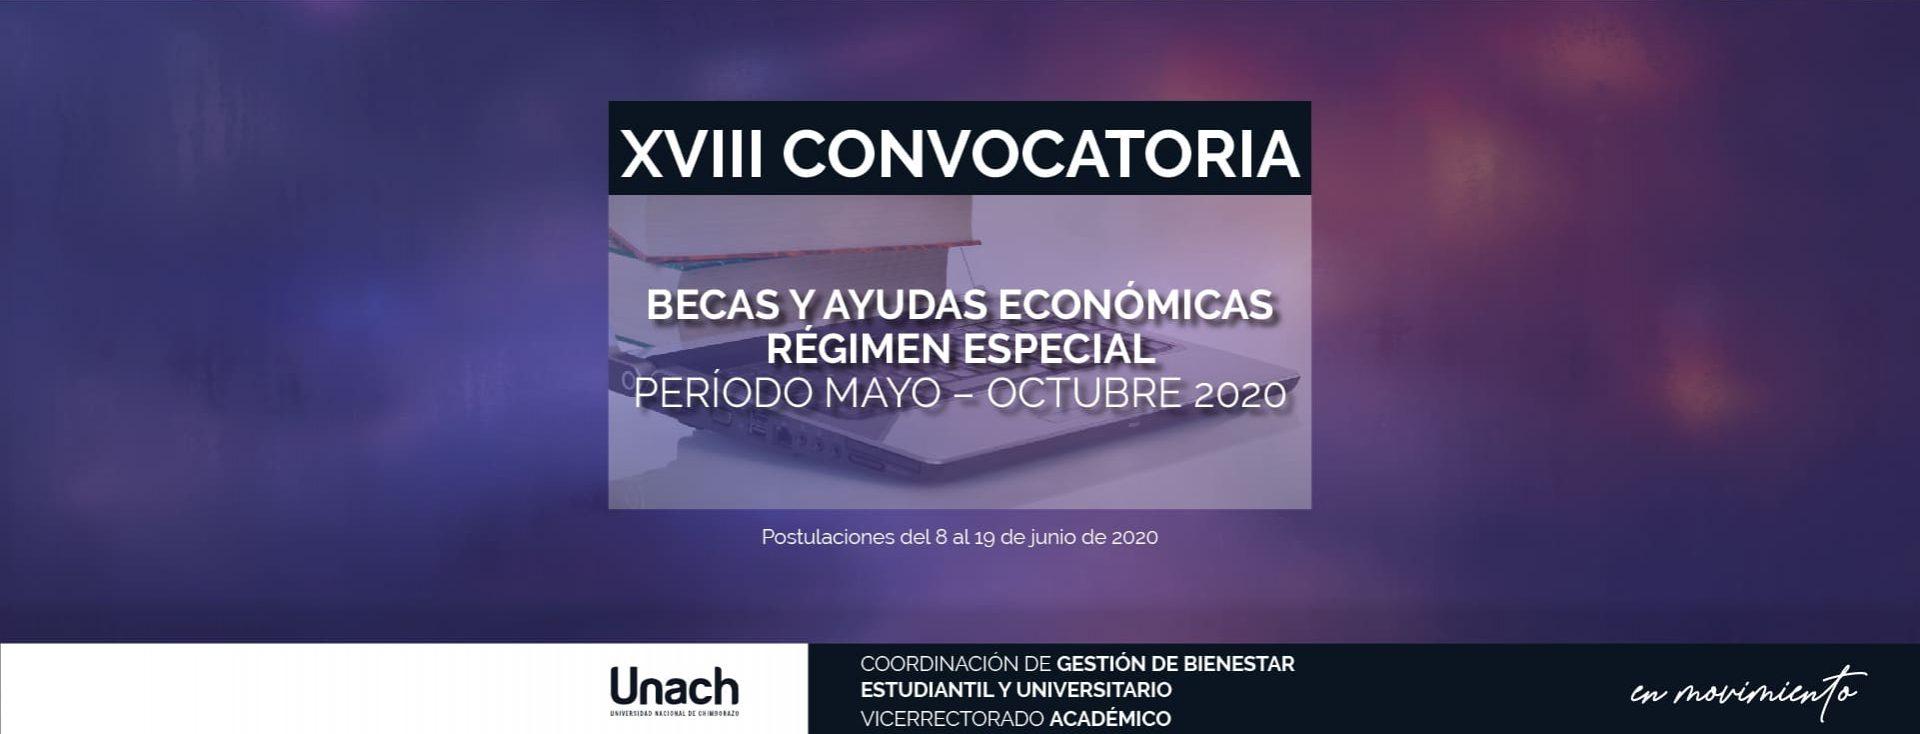 CONVOCATORIA A BECAS Y AYUDAS ECONÓMICAS MAYO-OCTUBRE 2020